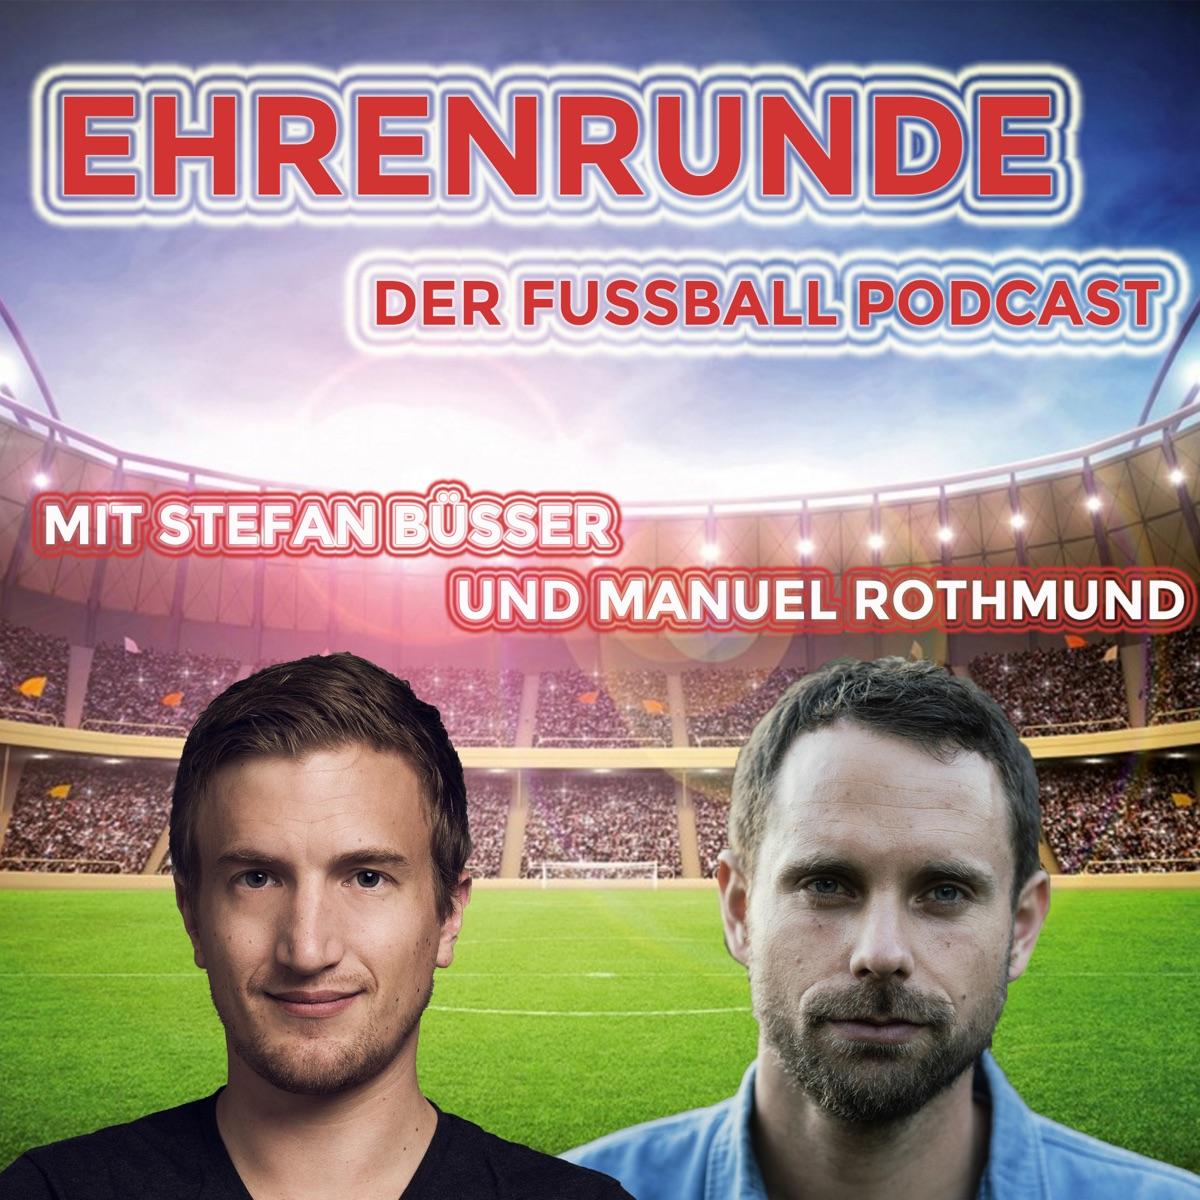 Ehrenrunde - der Fussball Podcast